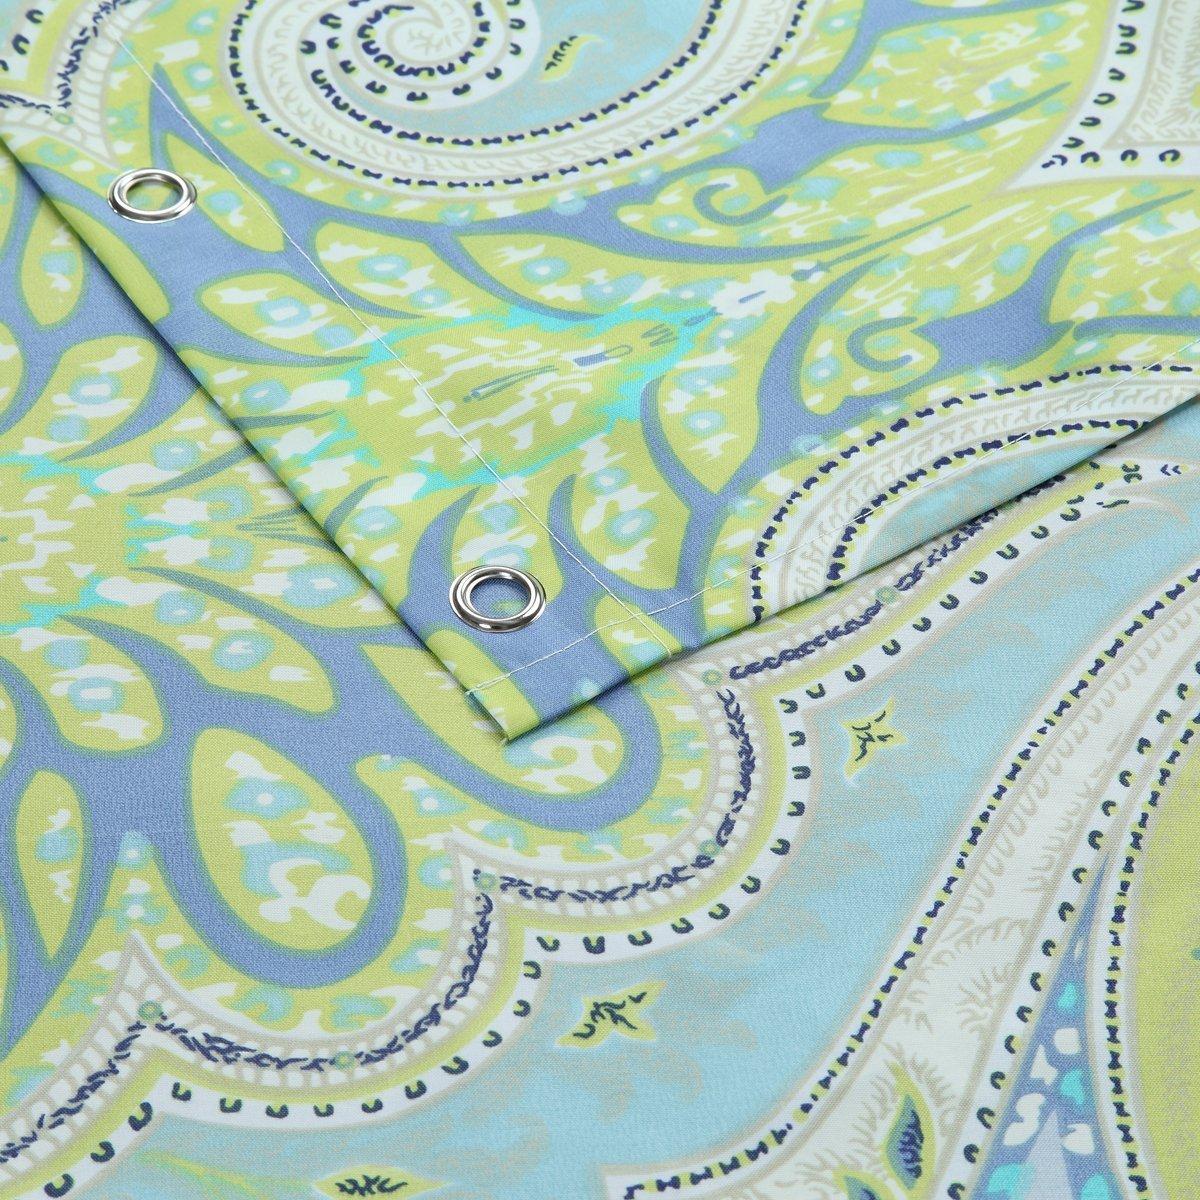 WINLIFE животные белый водонепроницаемый занавеска для душа полиэстер утолщаются машинная стирка для ванной занавеска 180cmW * 200cmH - 3